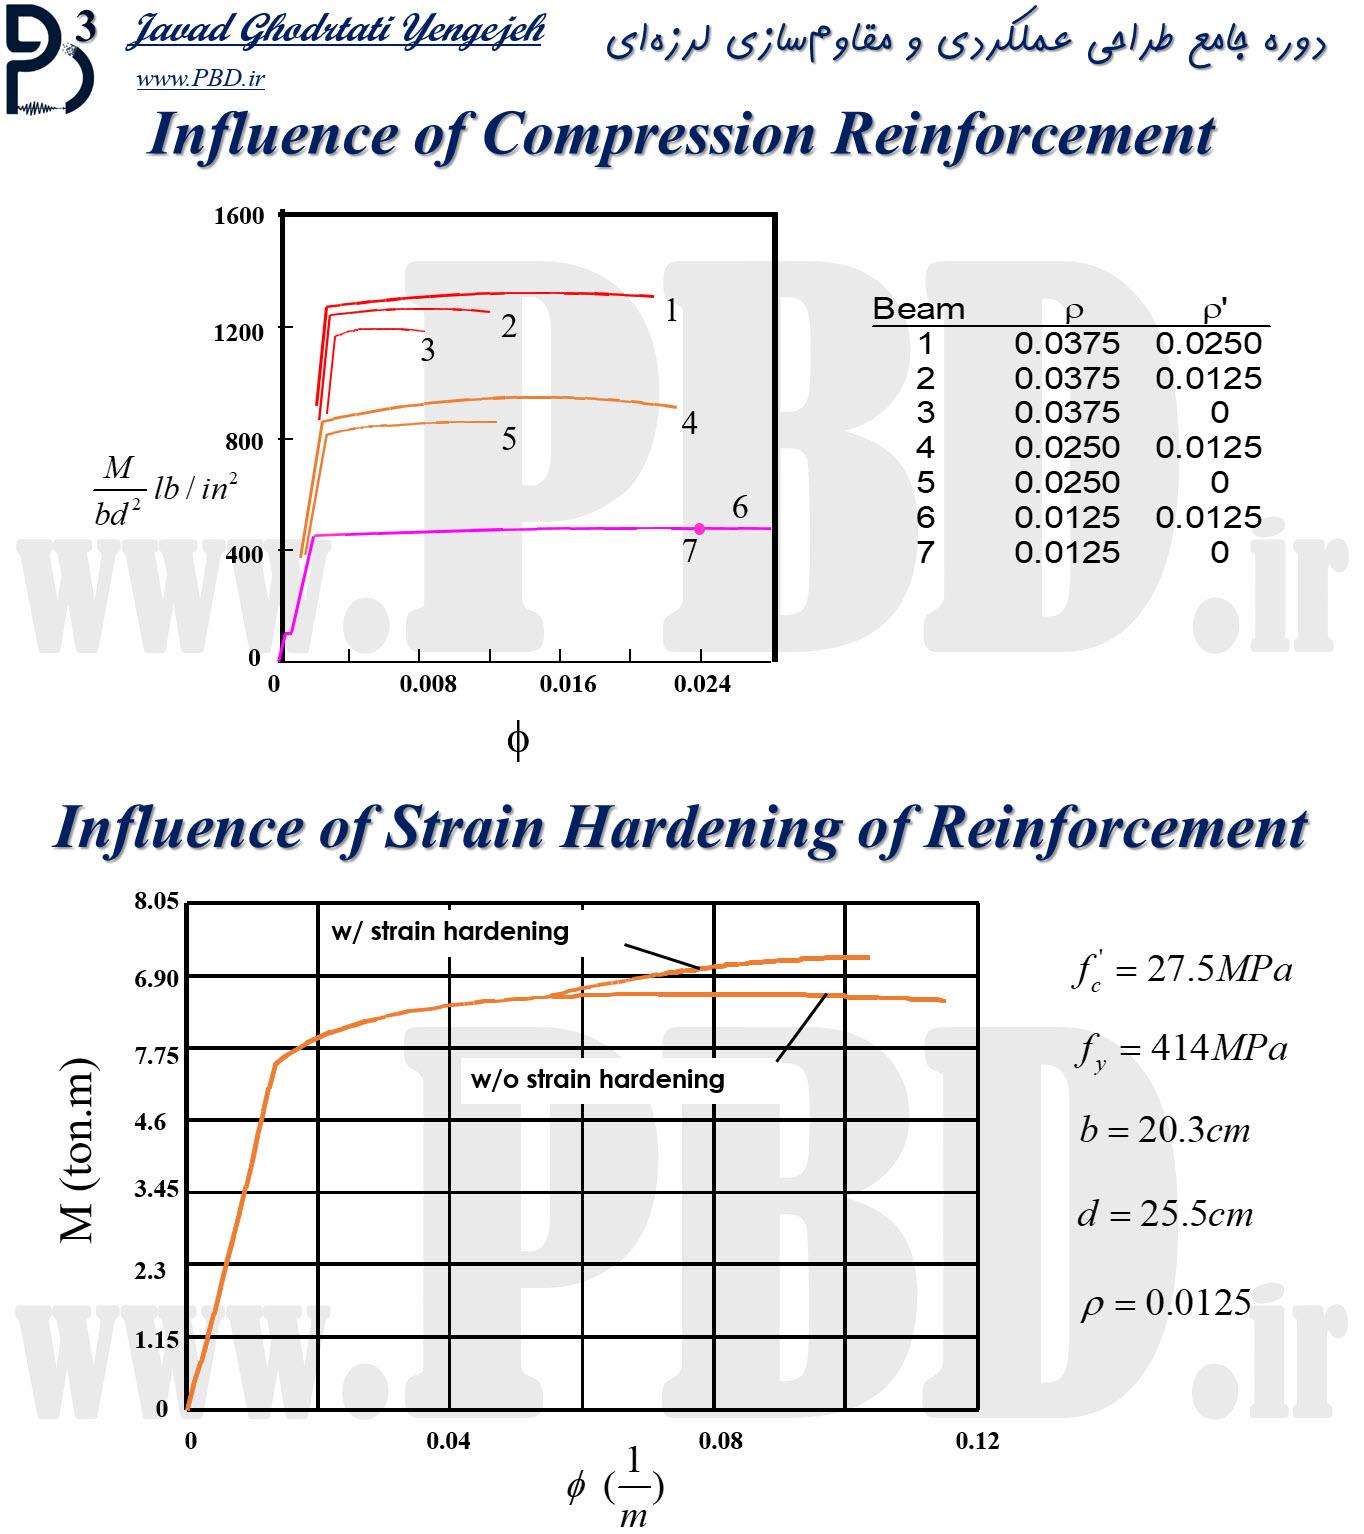 اثرات آرماتورهای طولی فشاری در شکلپذیری تیرهای بتنی (طراحی عملکردی تیرهای بتنی)